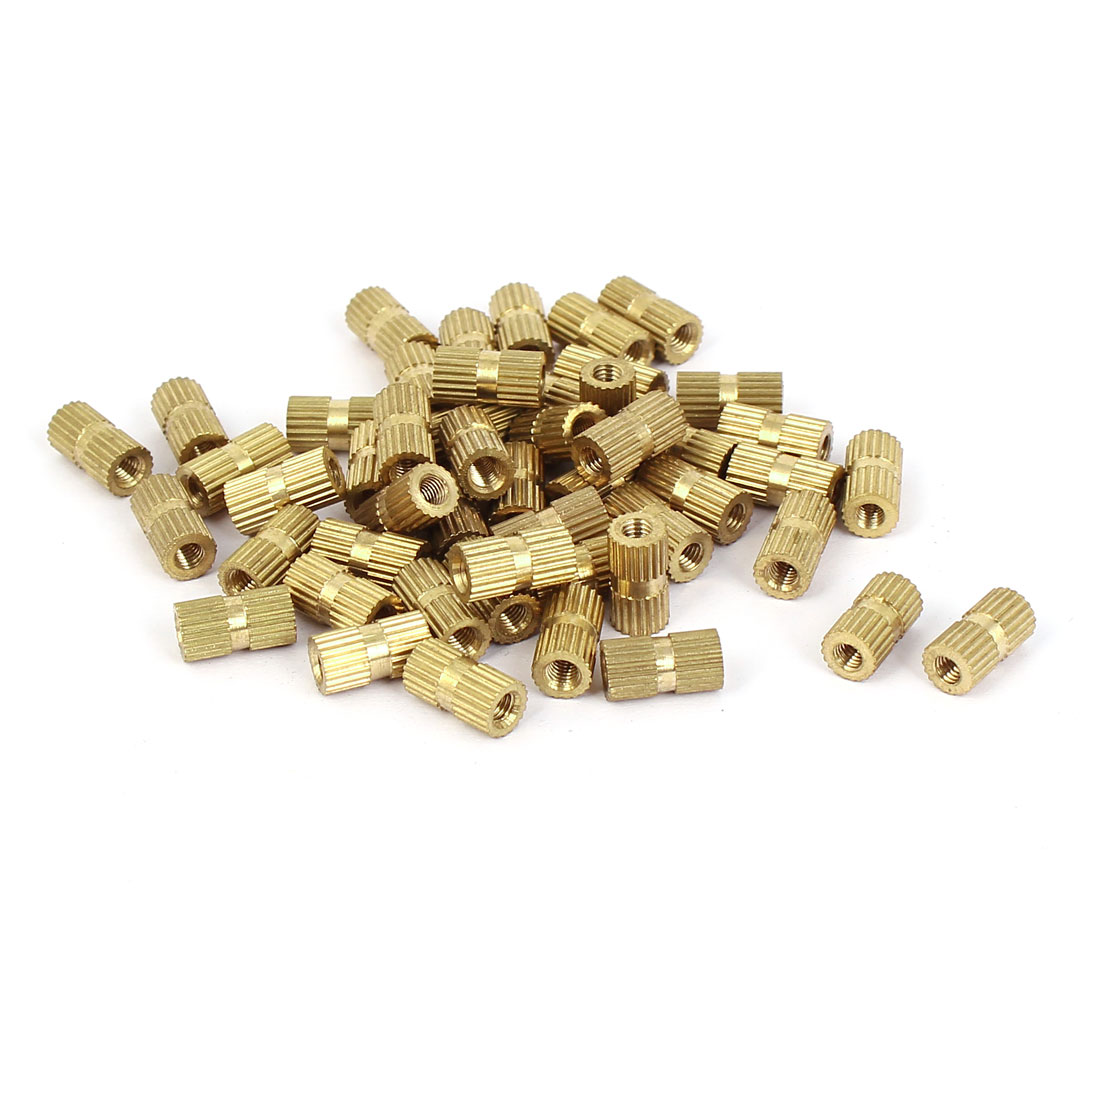 M3x10mm 5mm OD Brass Embedded Knurled Insert Thumb Nuts 50pcs